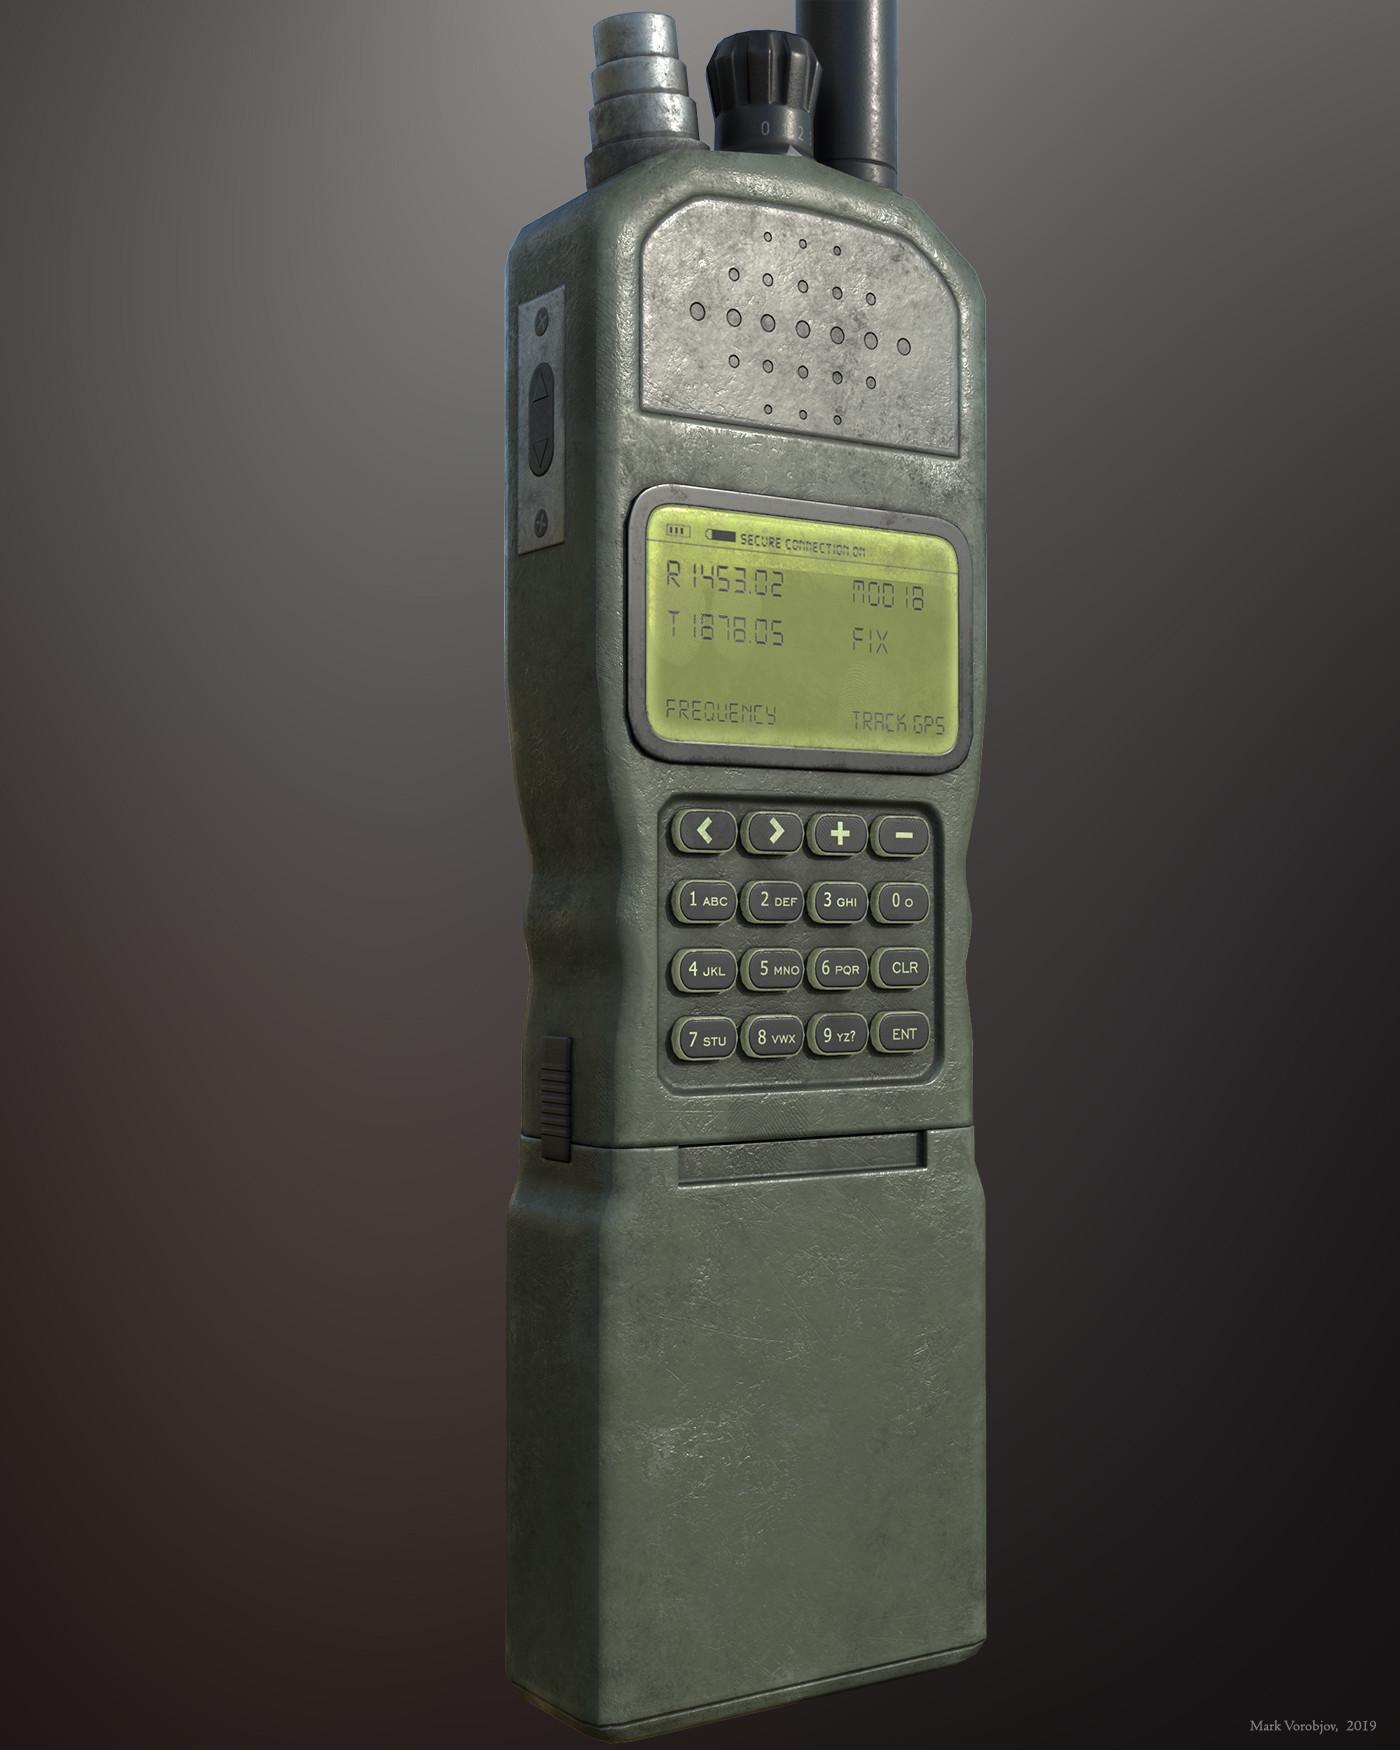 Mark Vorobjov - Military handheld radio